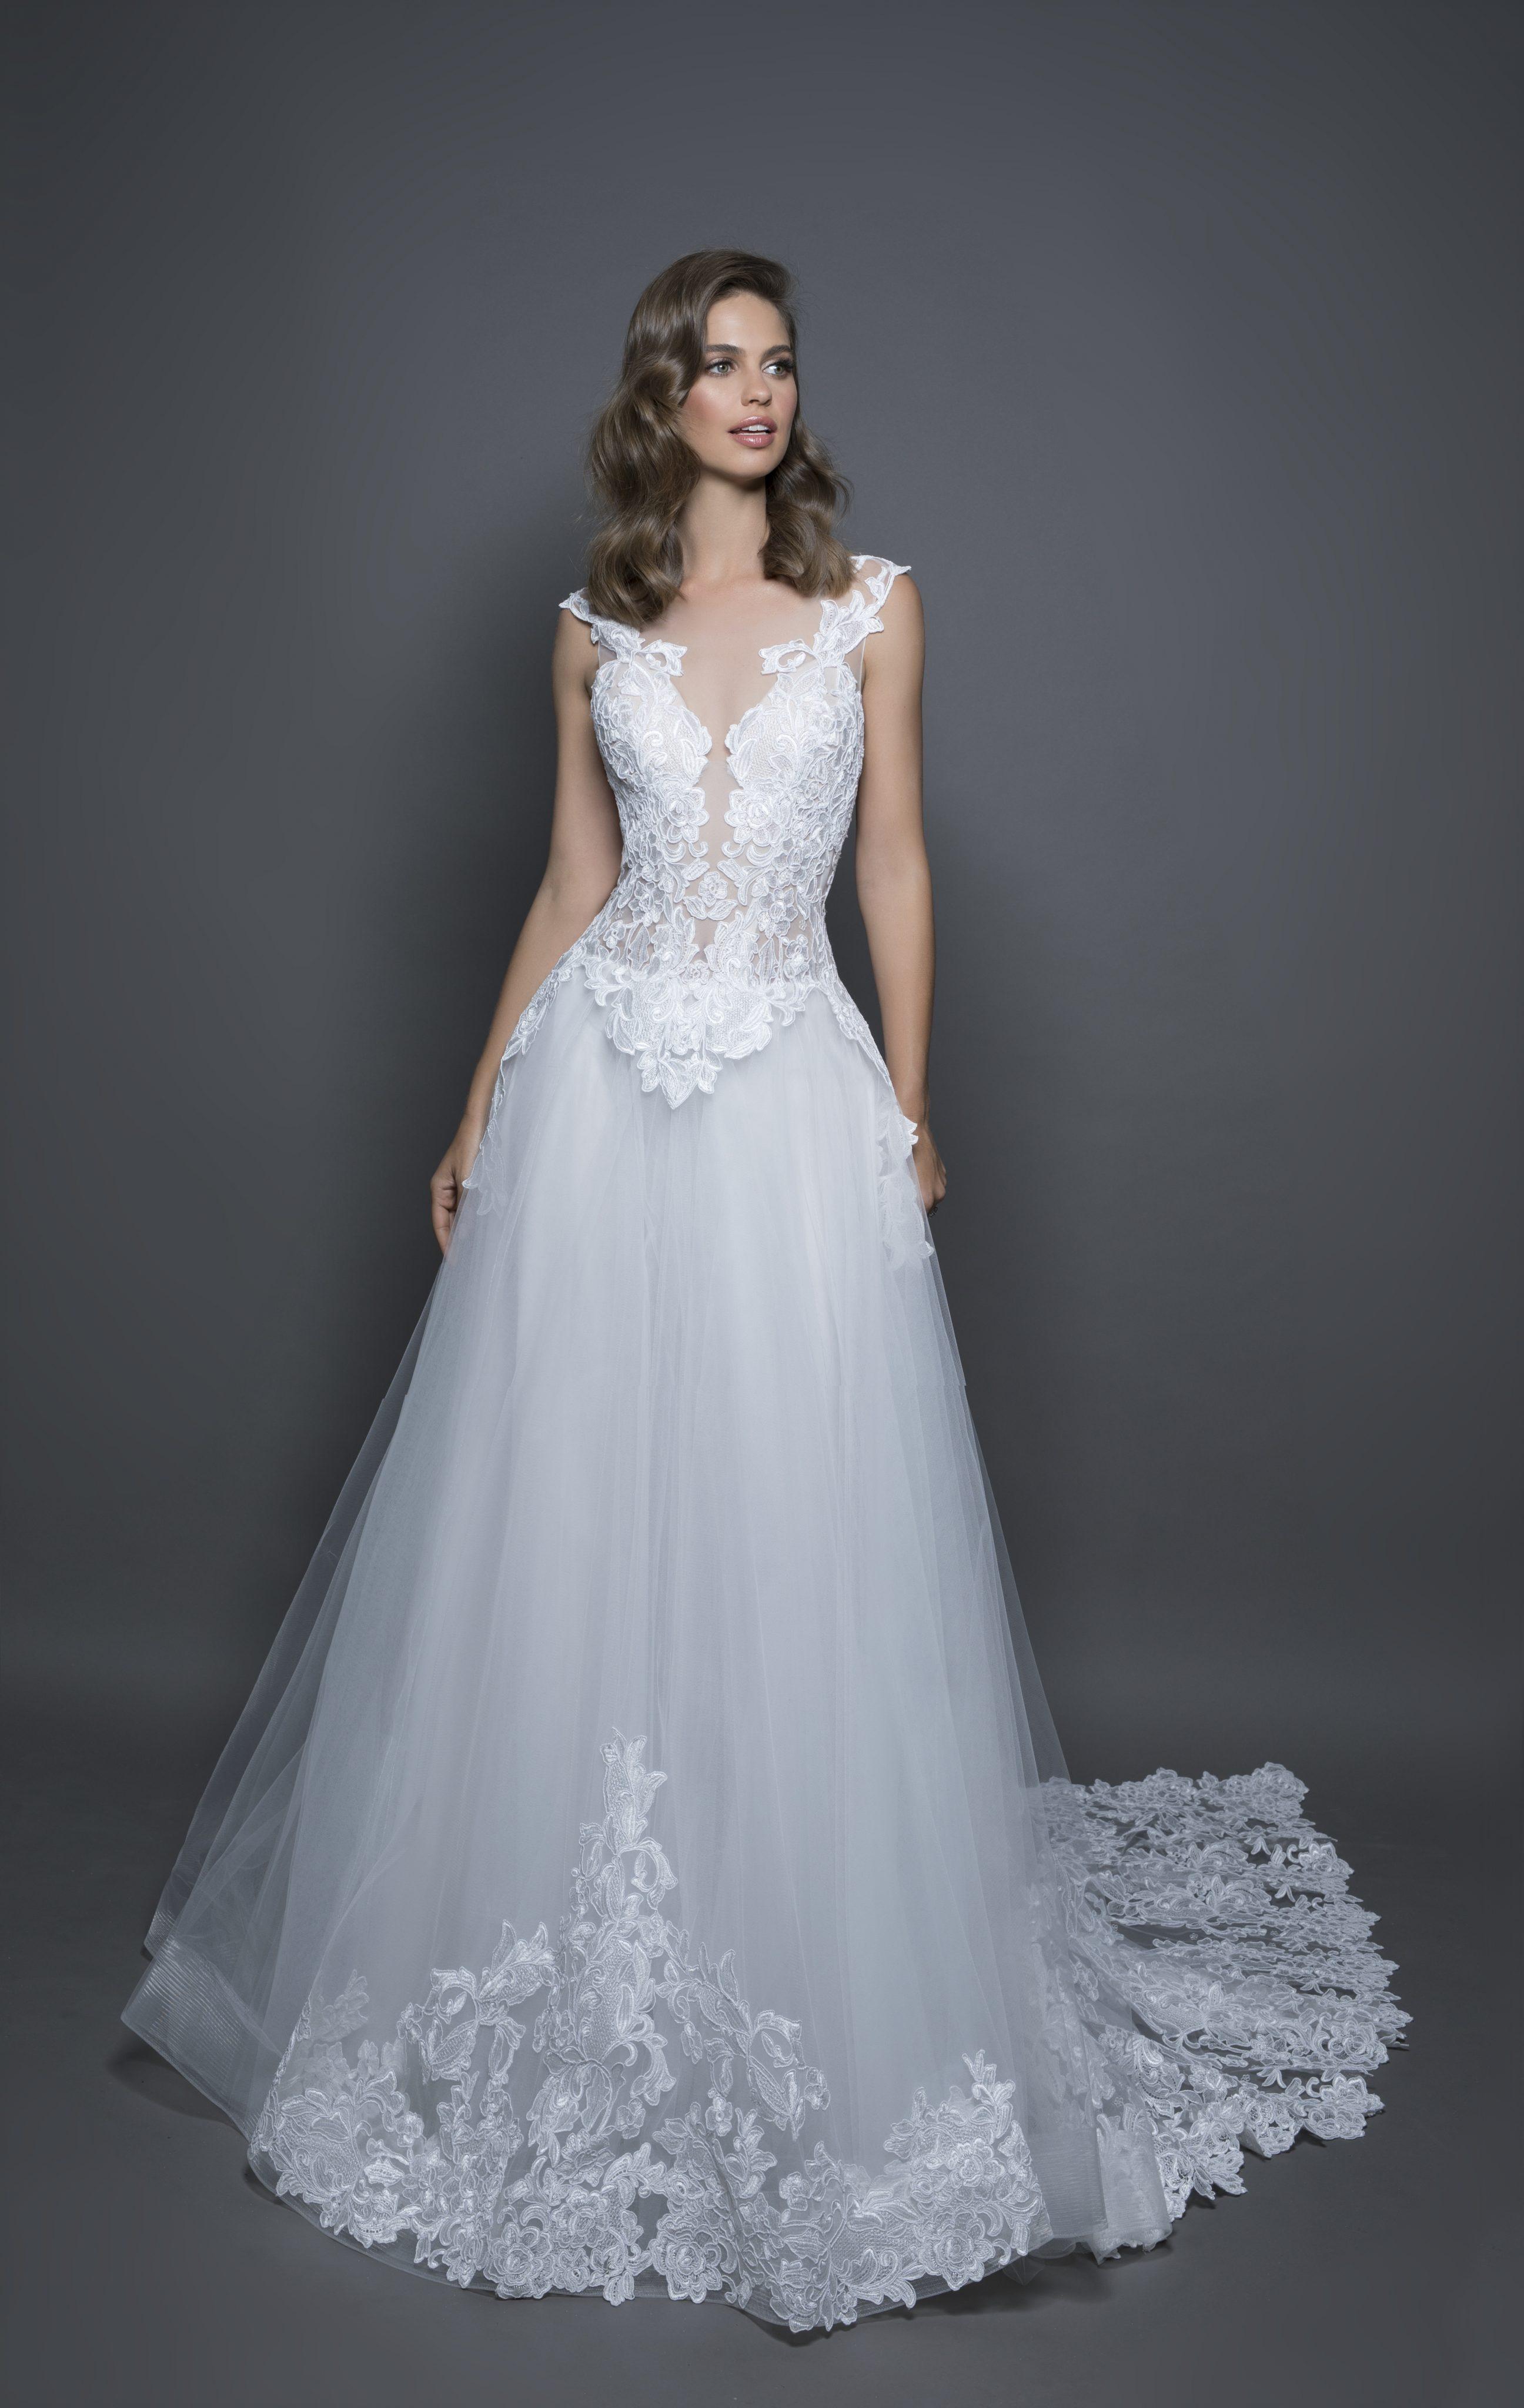 Modern Ball Gown Wedding Dress | Kleinfeld Bridal